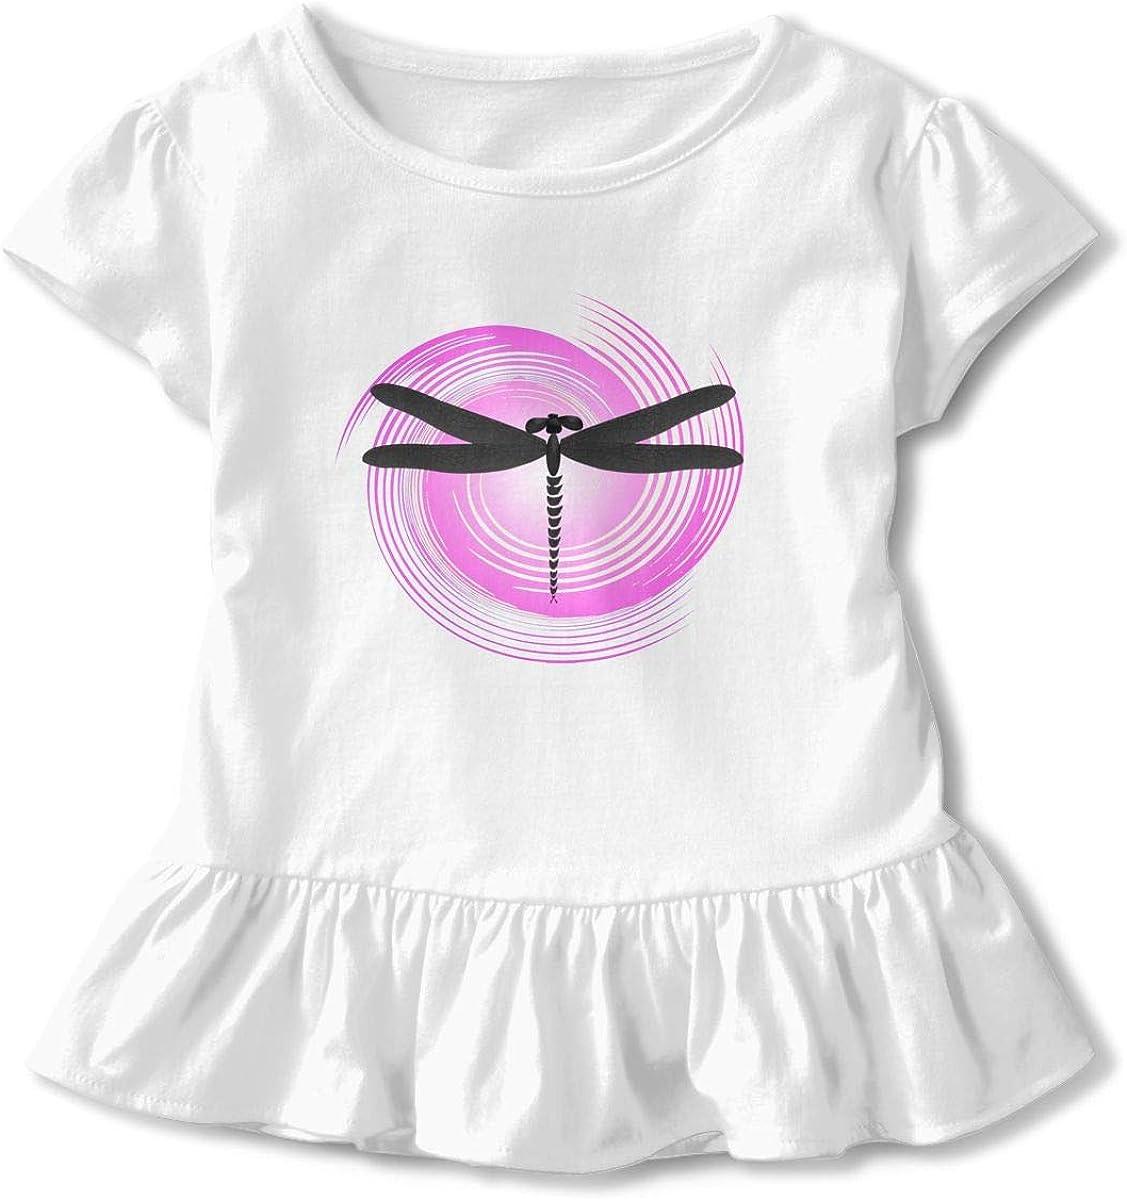 Cheng Jian Bo Retro Circle Dragonfly Toddler Girls T Shirt Kids Cotton Short Sleeve Ruffle Tee